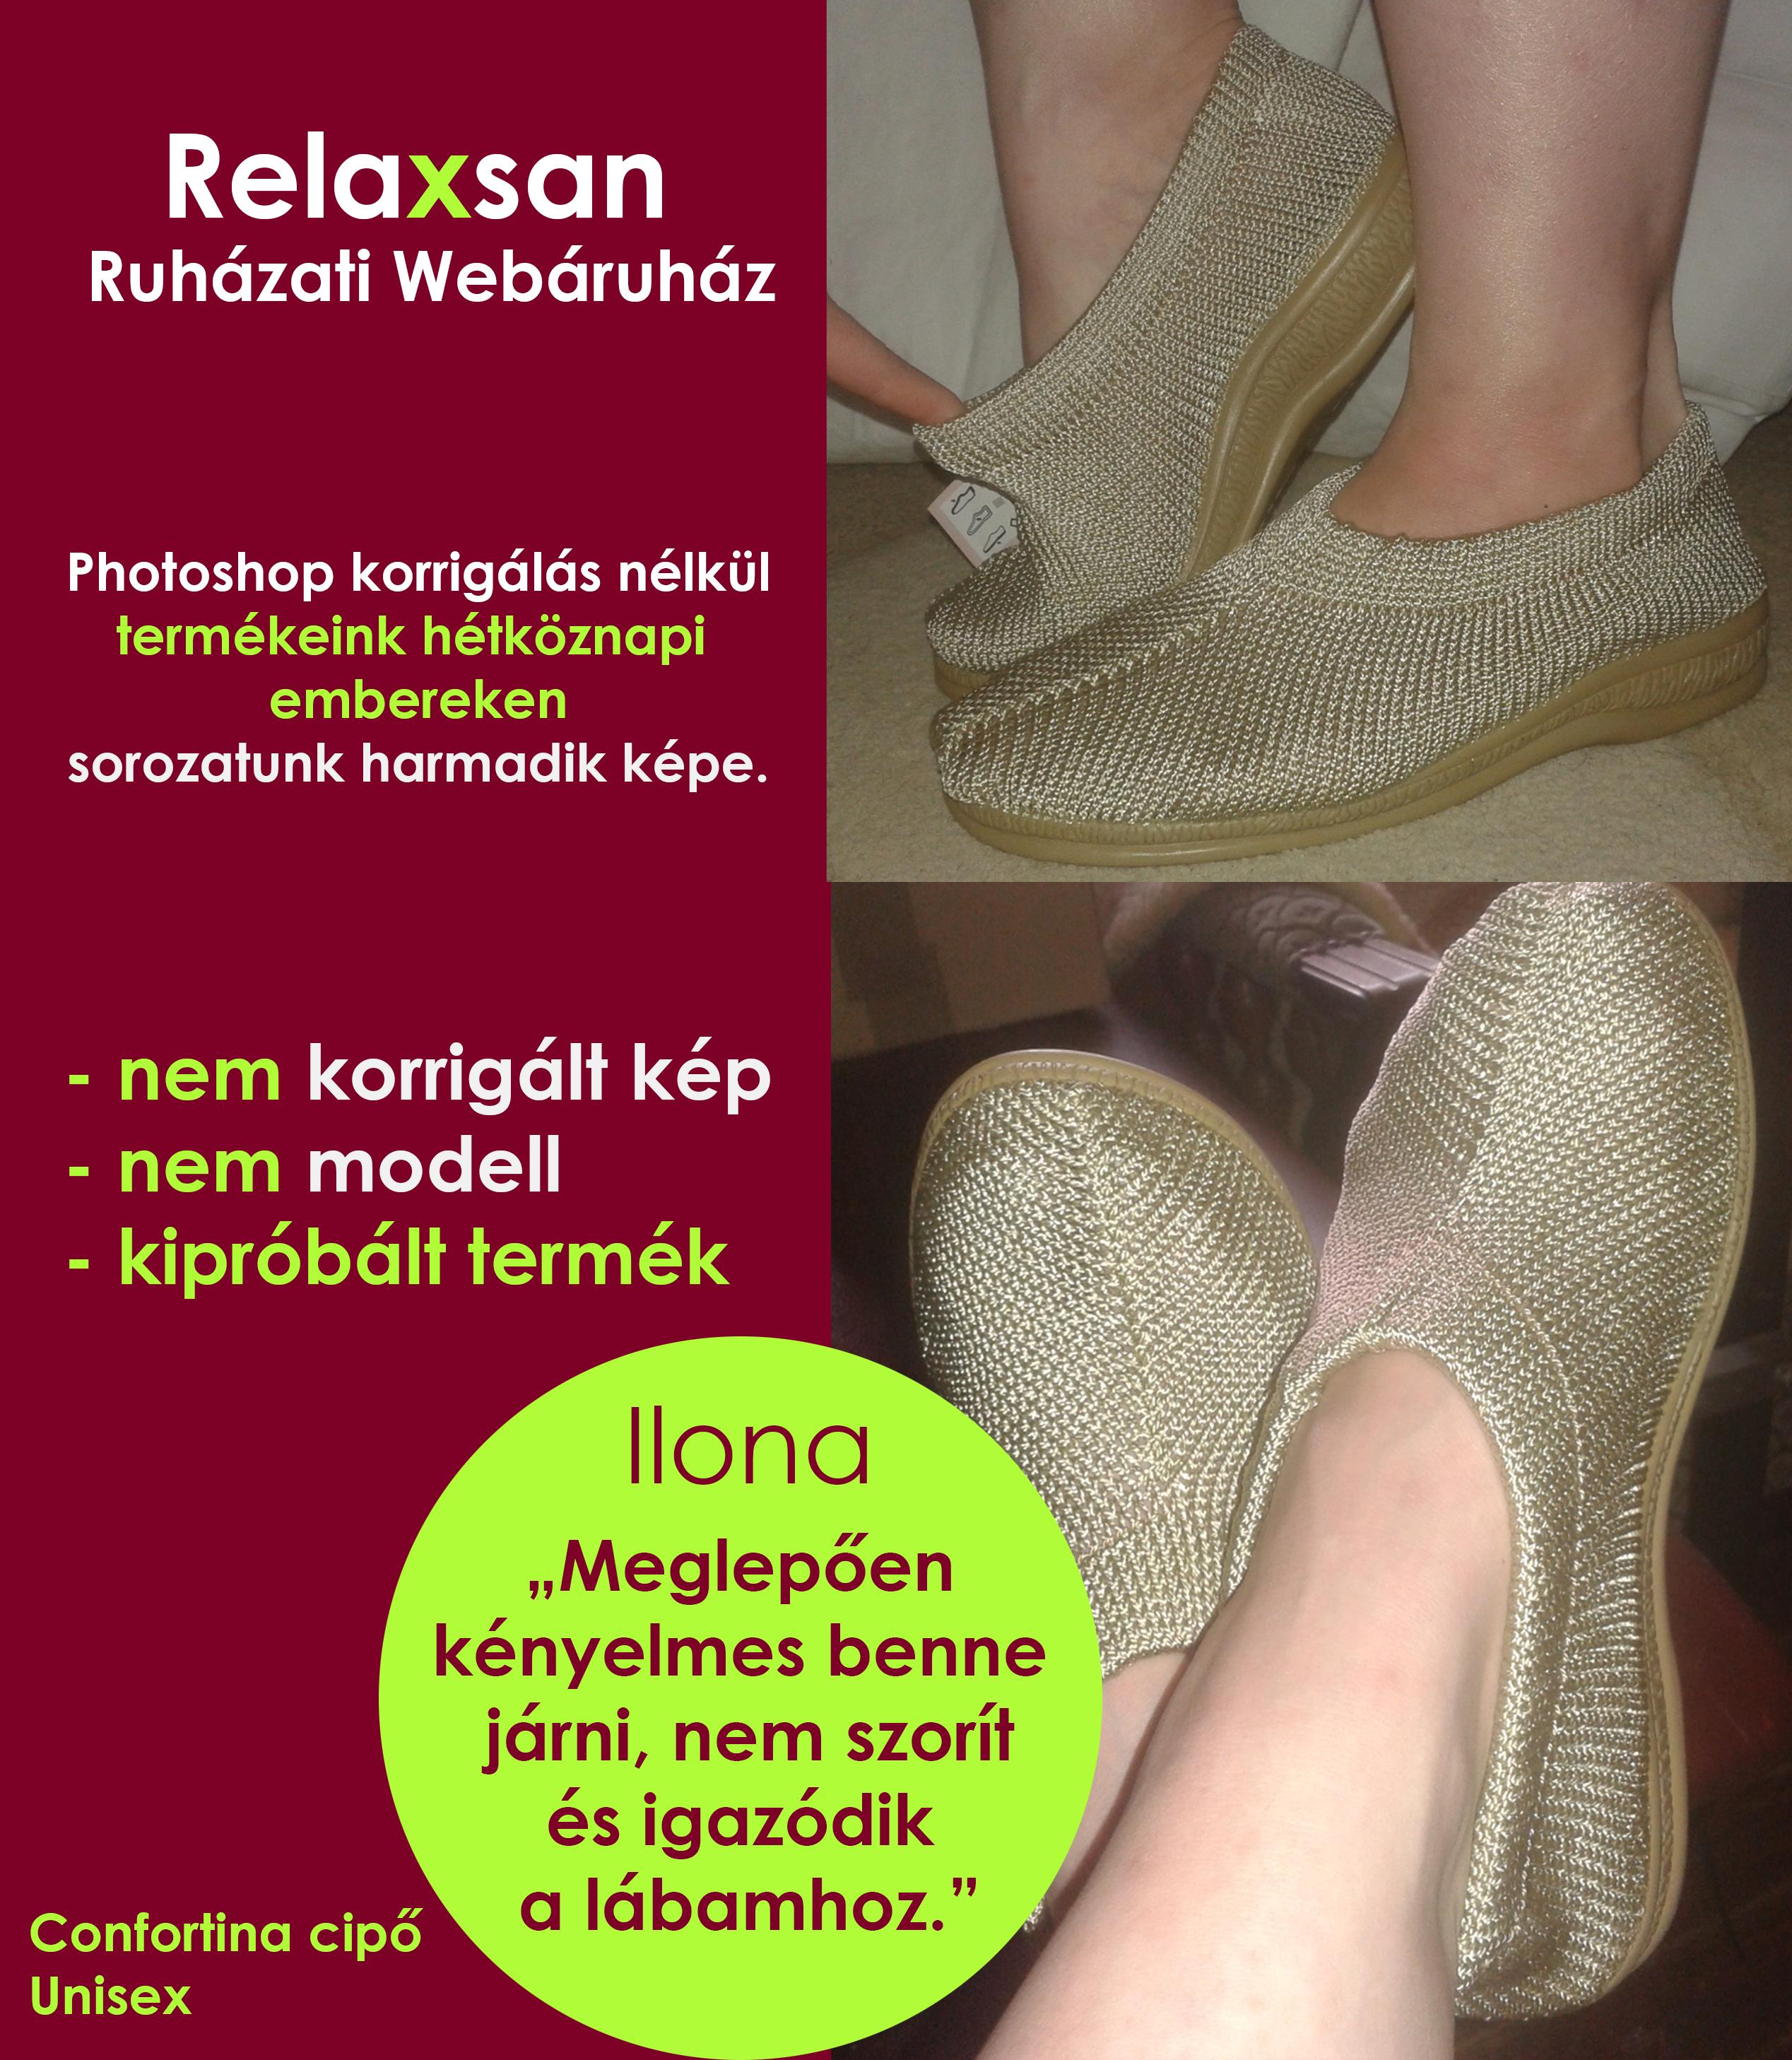 confortina kényelmi cipő hétköznapi embereken